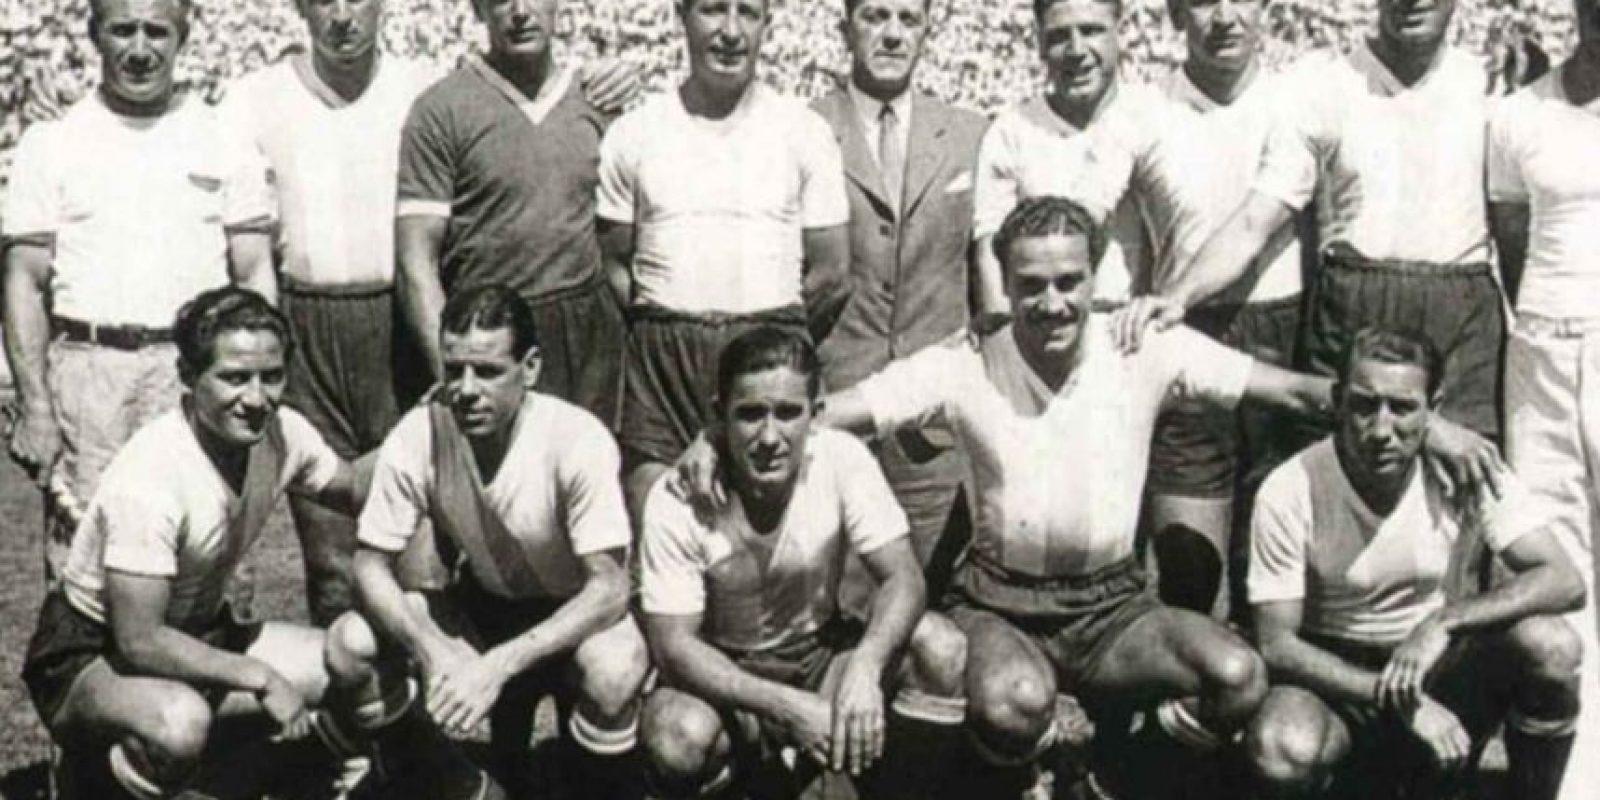 De 1940 a 1950 no hubo cambios drásticos en los uniformes.